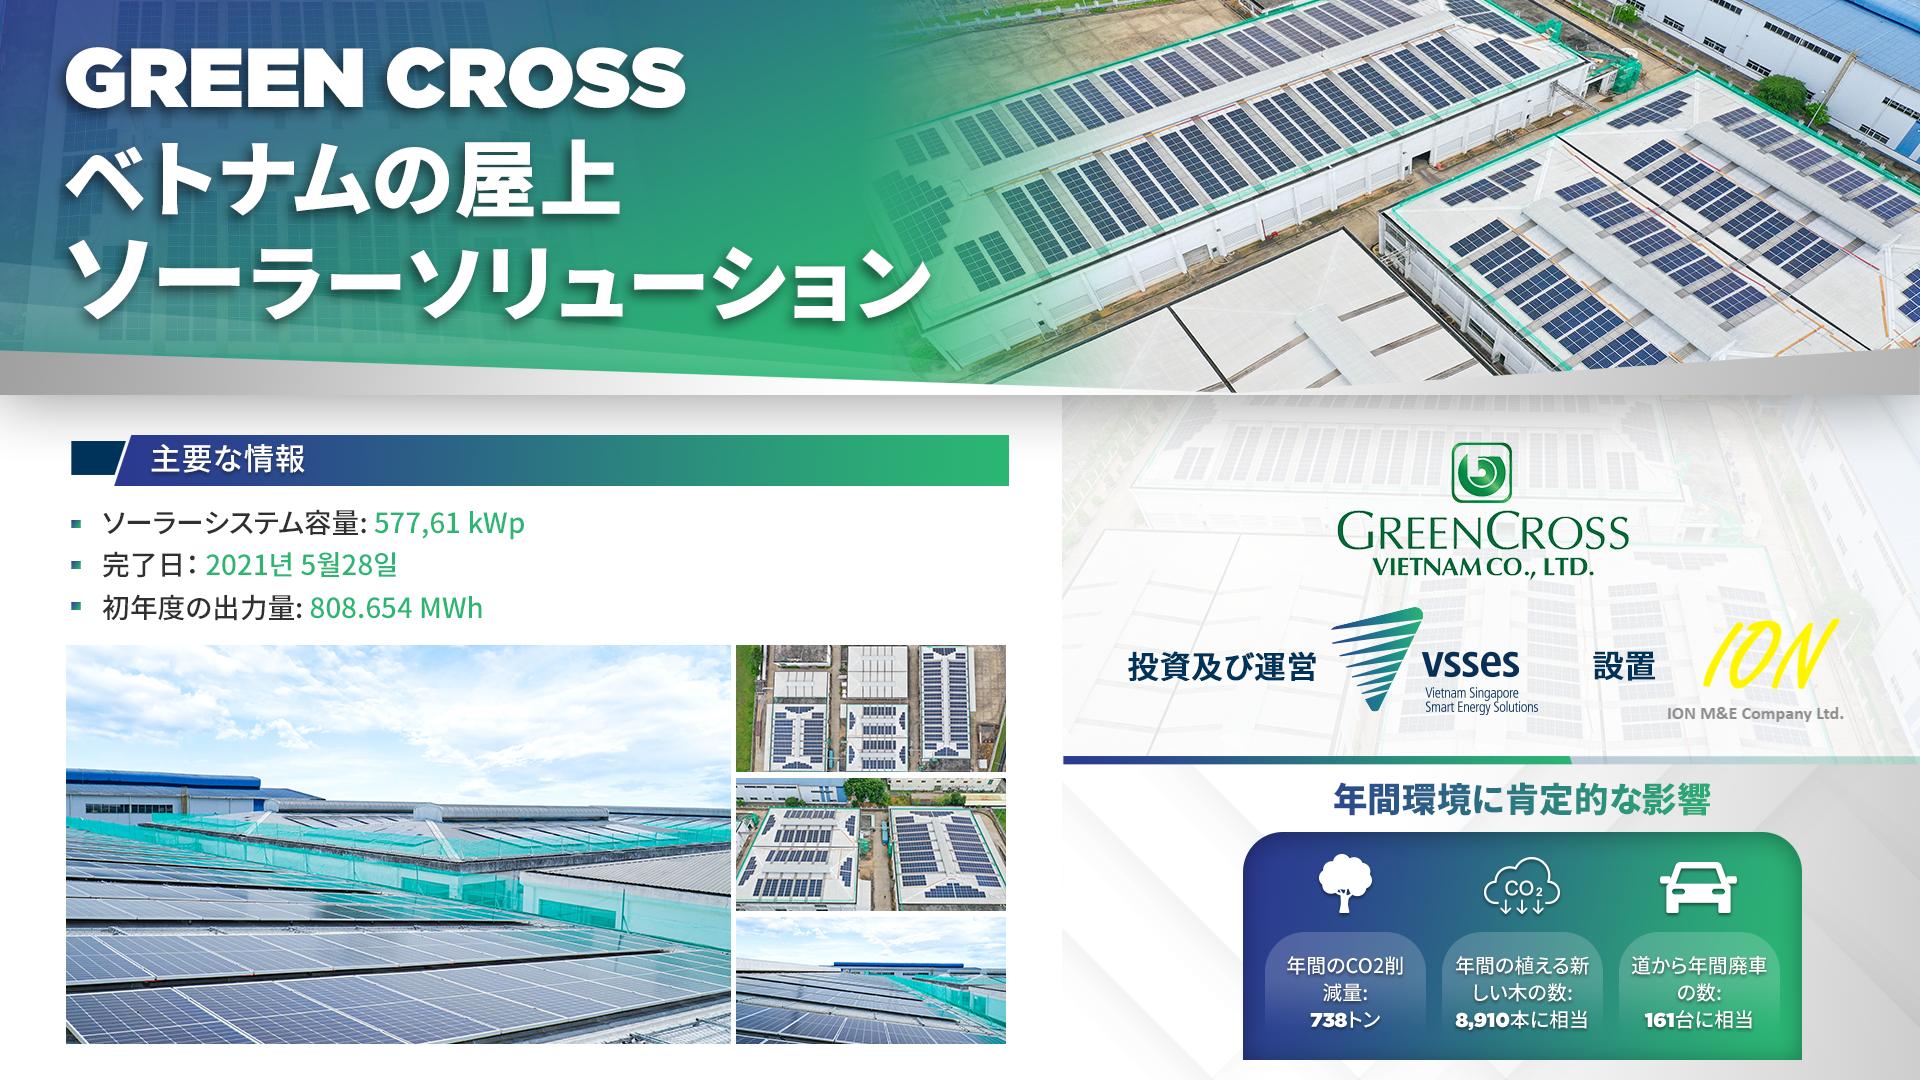 Green CrossベトナムはVSSESの屋上太陽光発電システムを通じてエコ化しました。